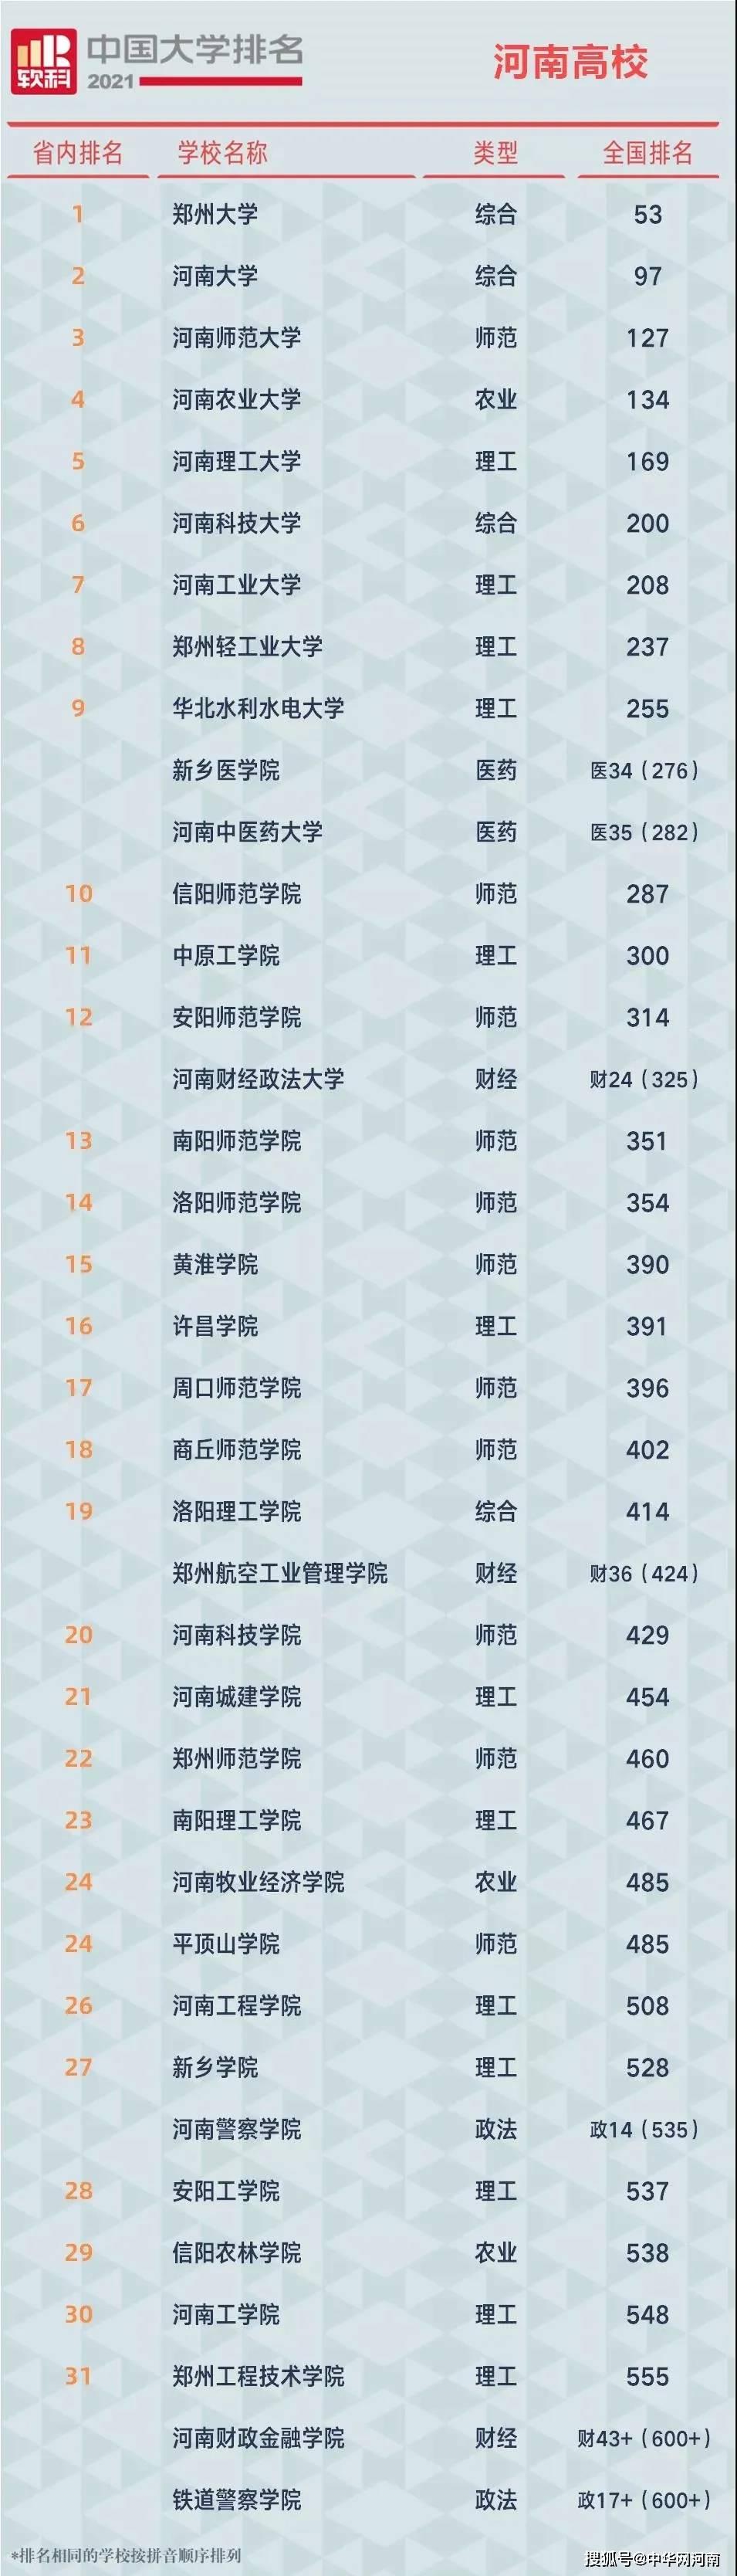 最新中国大学排名公布!河南这些高校跻身百强